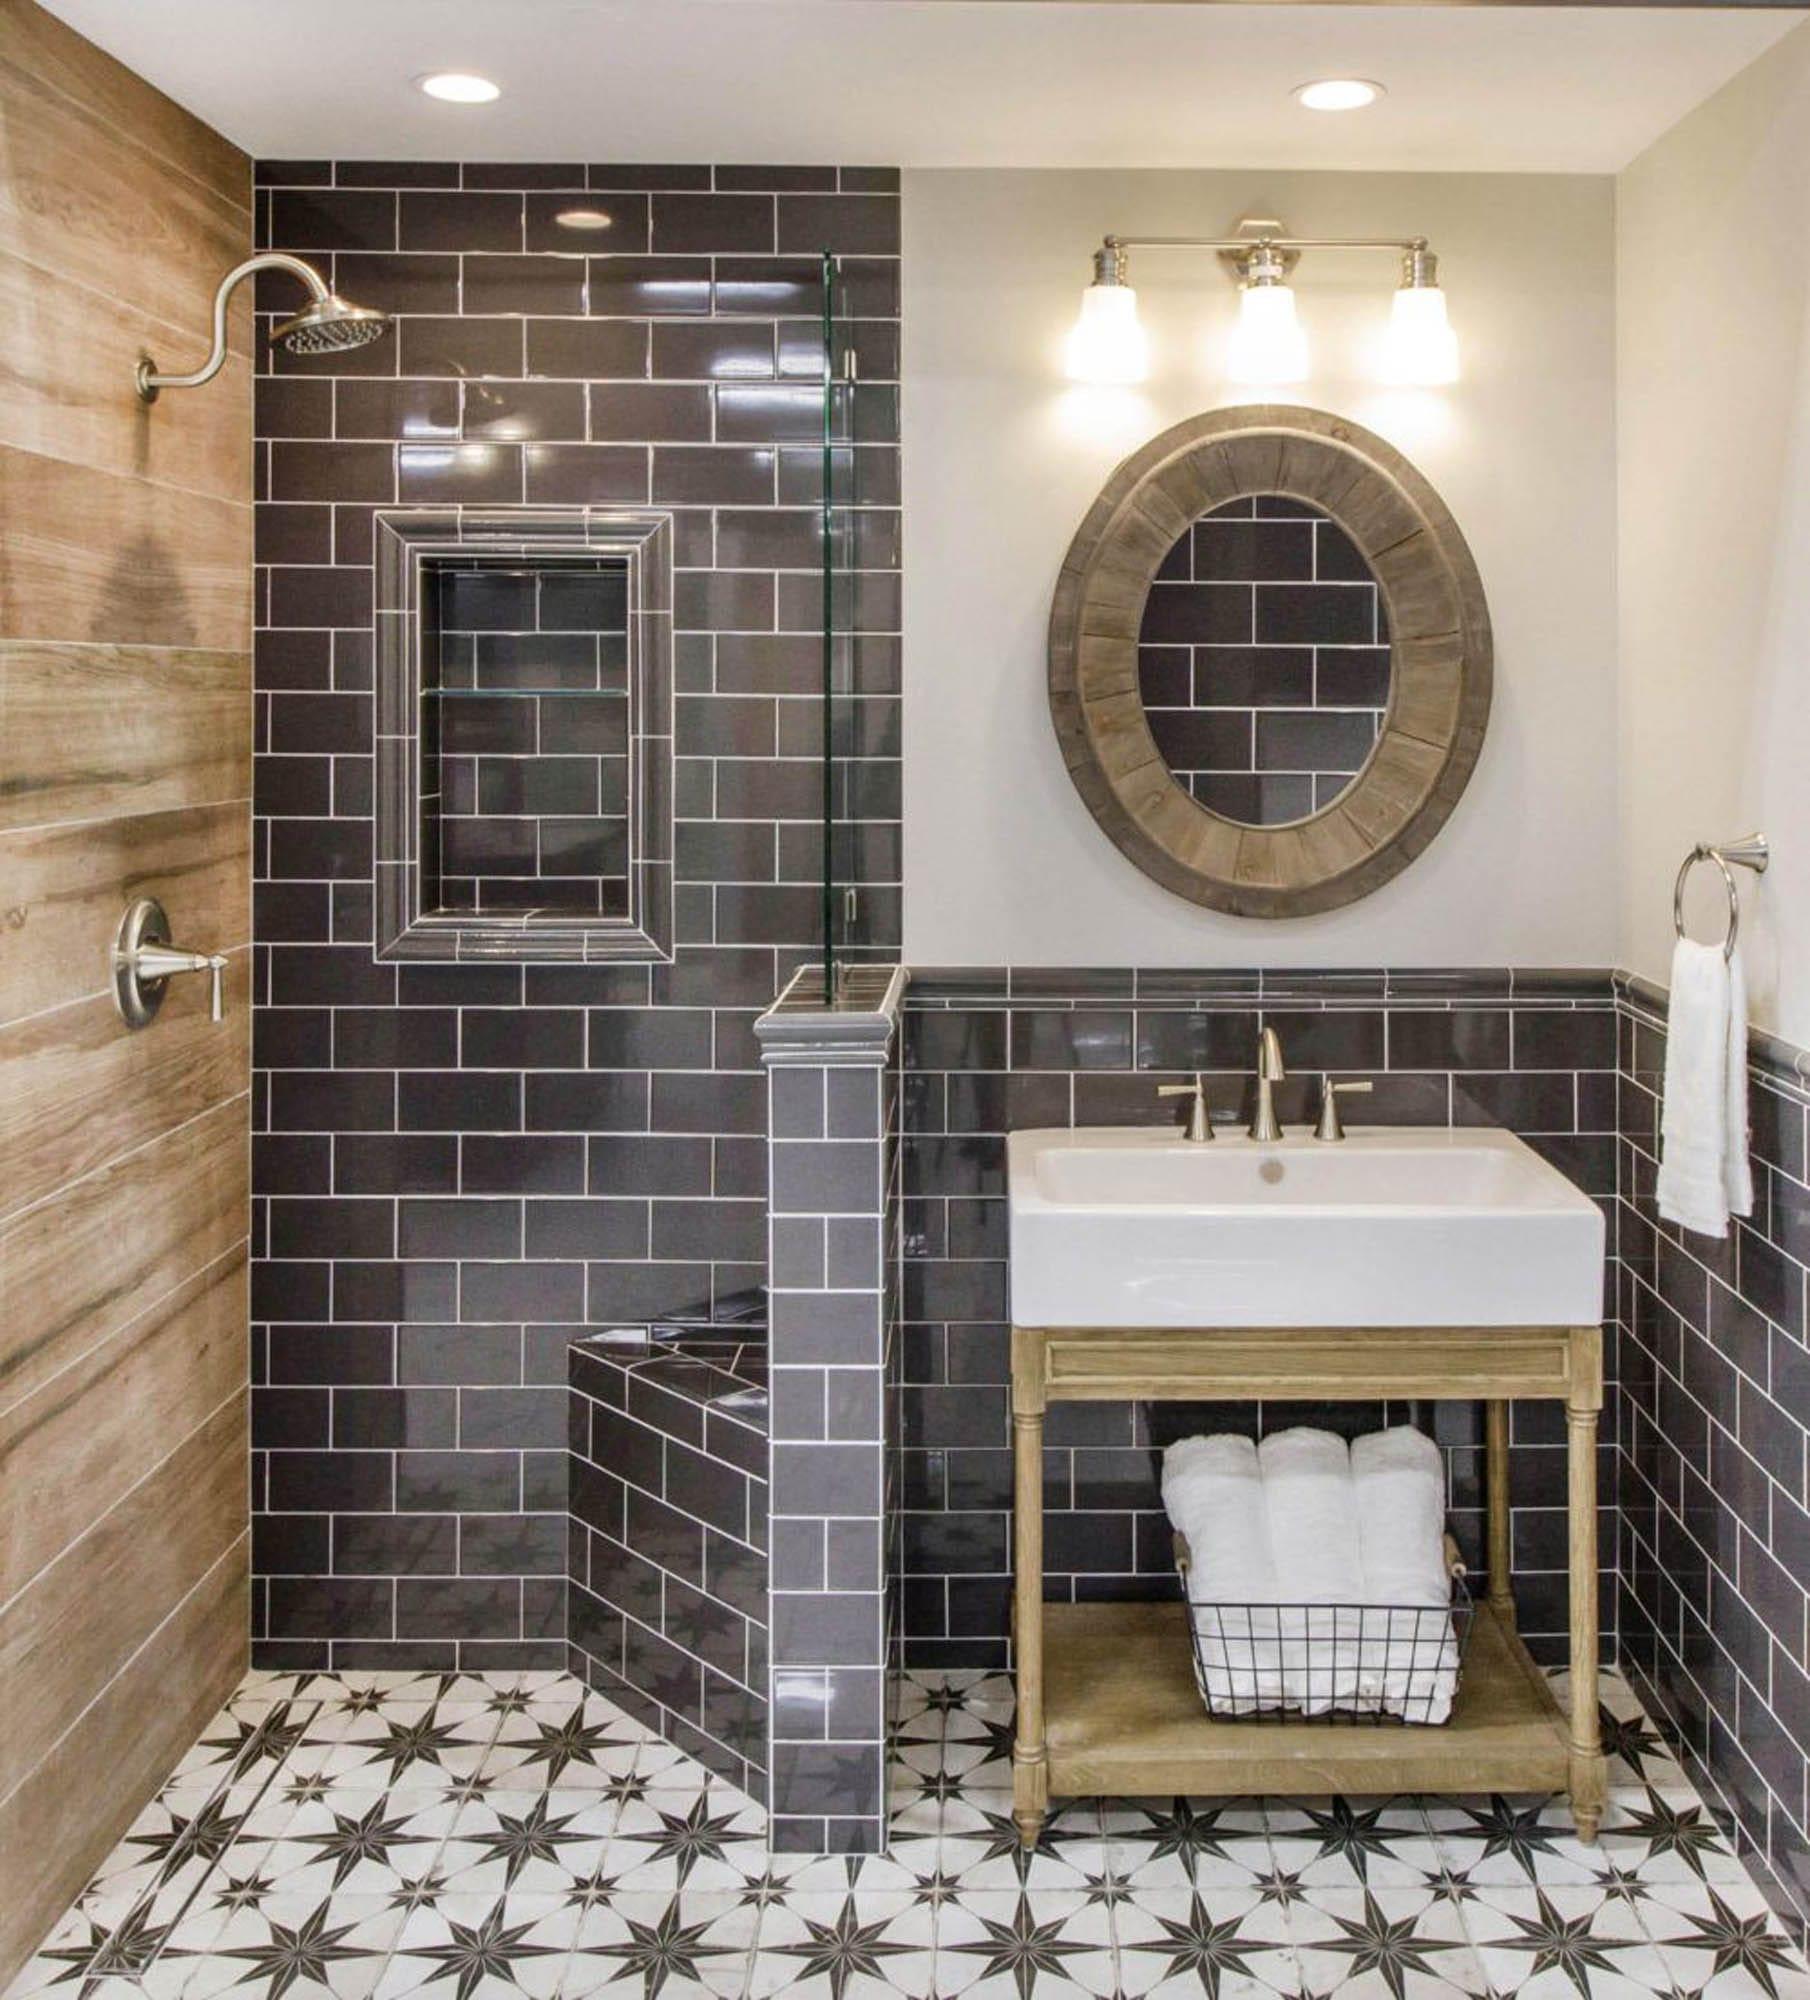 Wood-look, glossy subway and encaustic-look tile bathroom